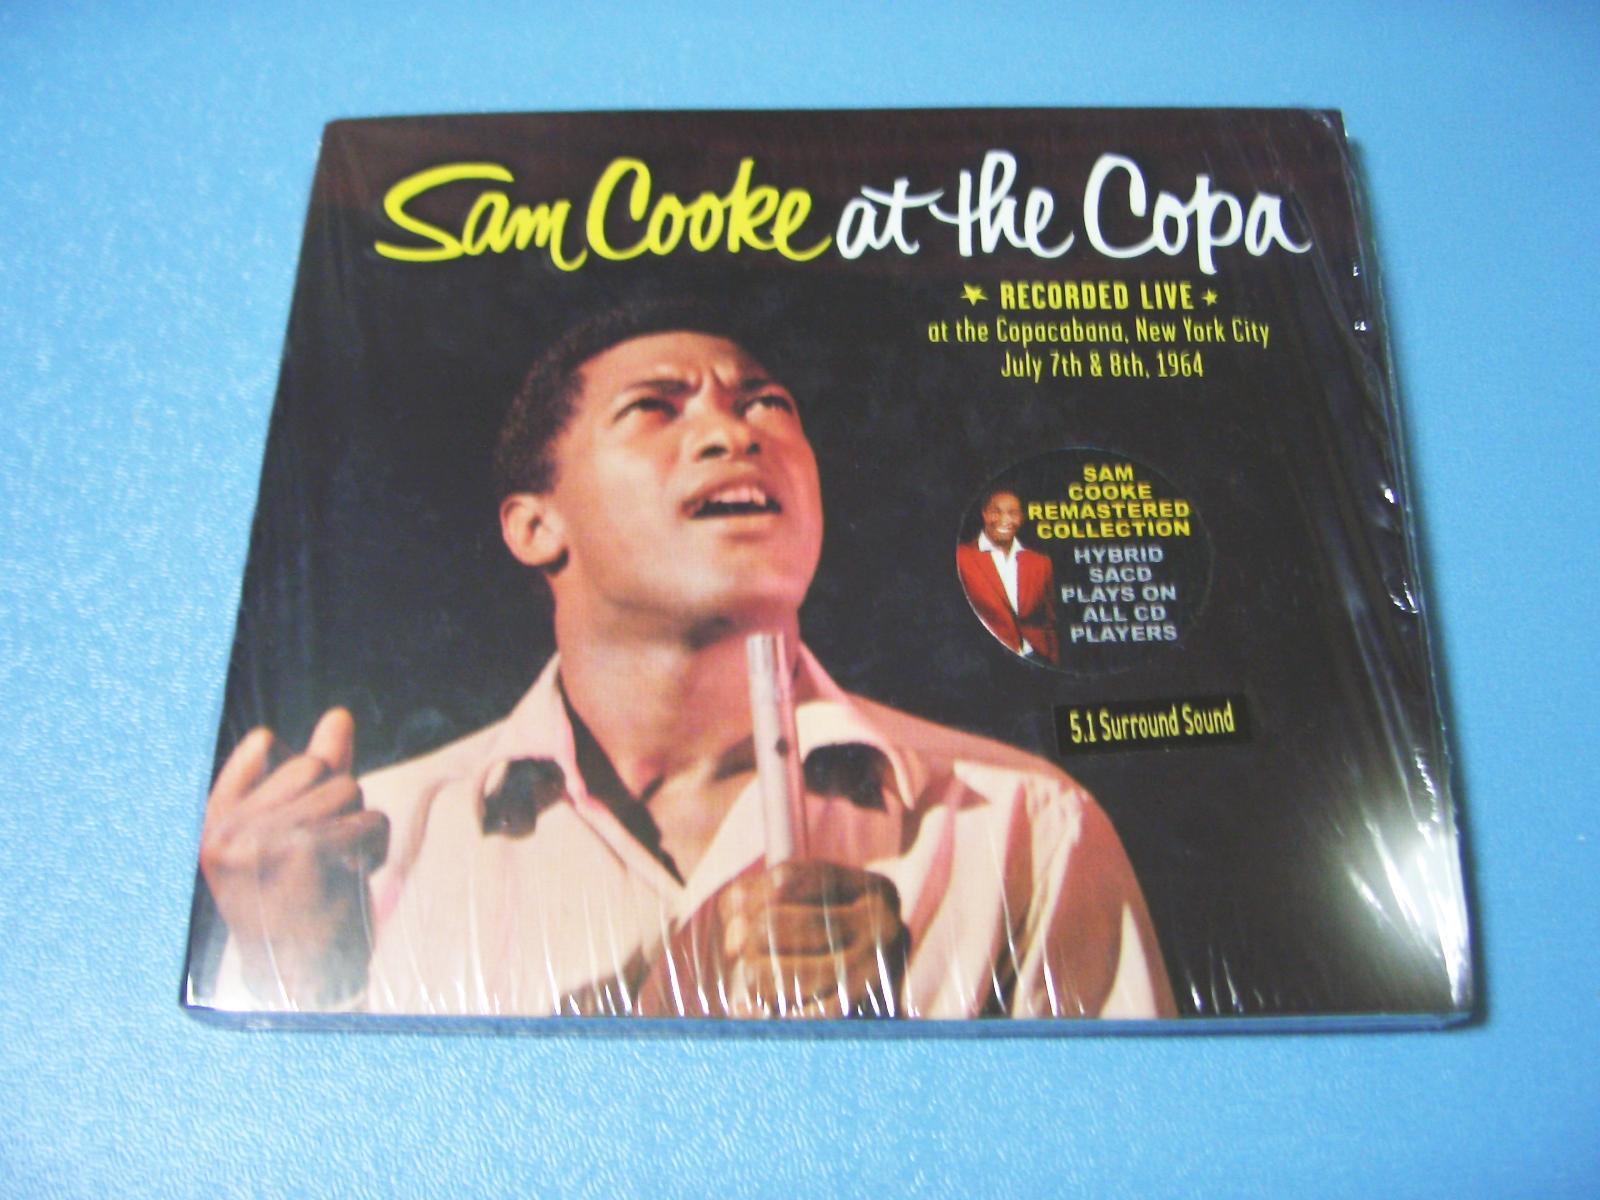 Sam Cooke / Sam Cooke at the Copa(SACDハイブリット)_c0062649_23301228.jpg